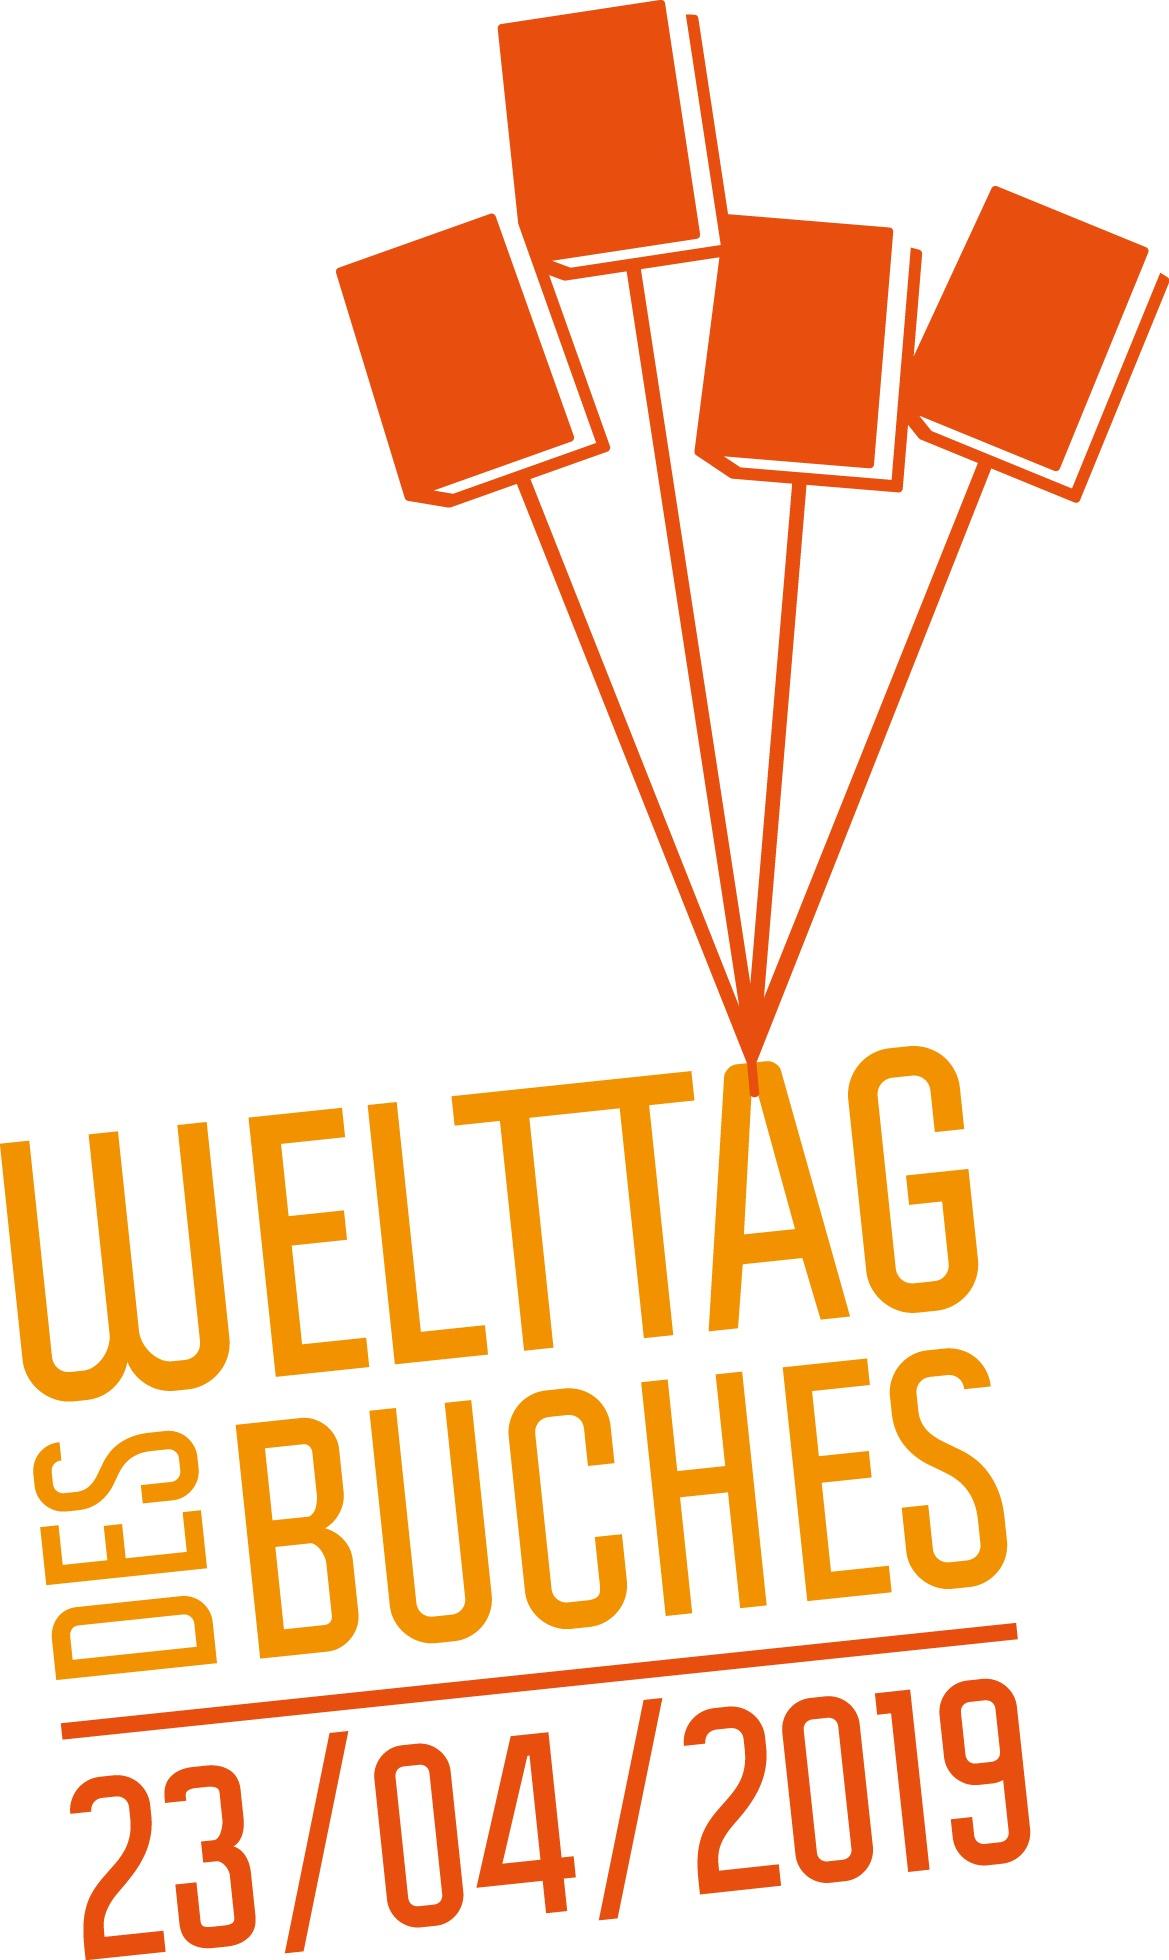 Der UNESCO-Welttag des Buches im Instituto Cervantes Frankfurt